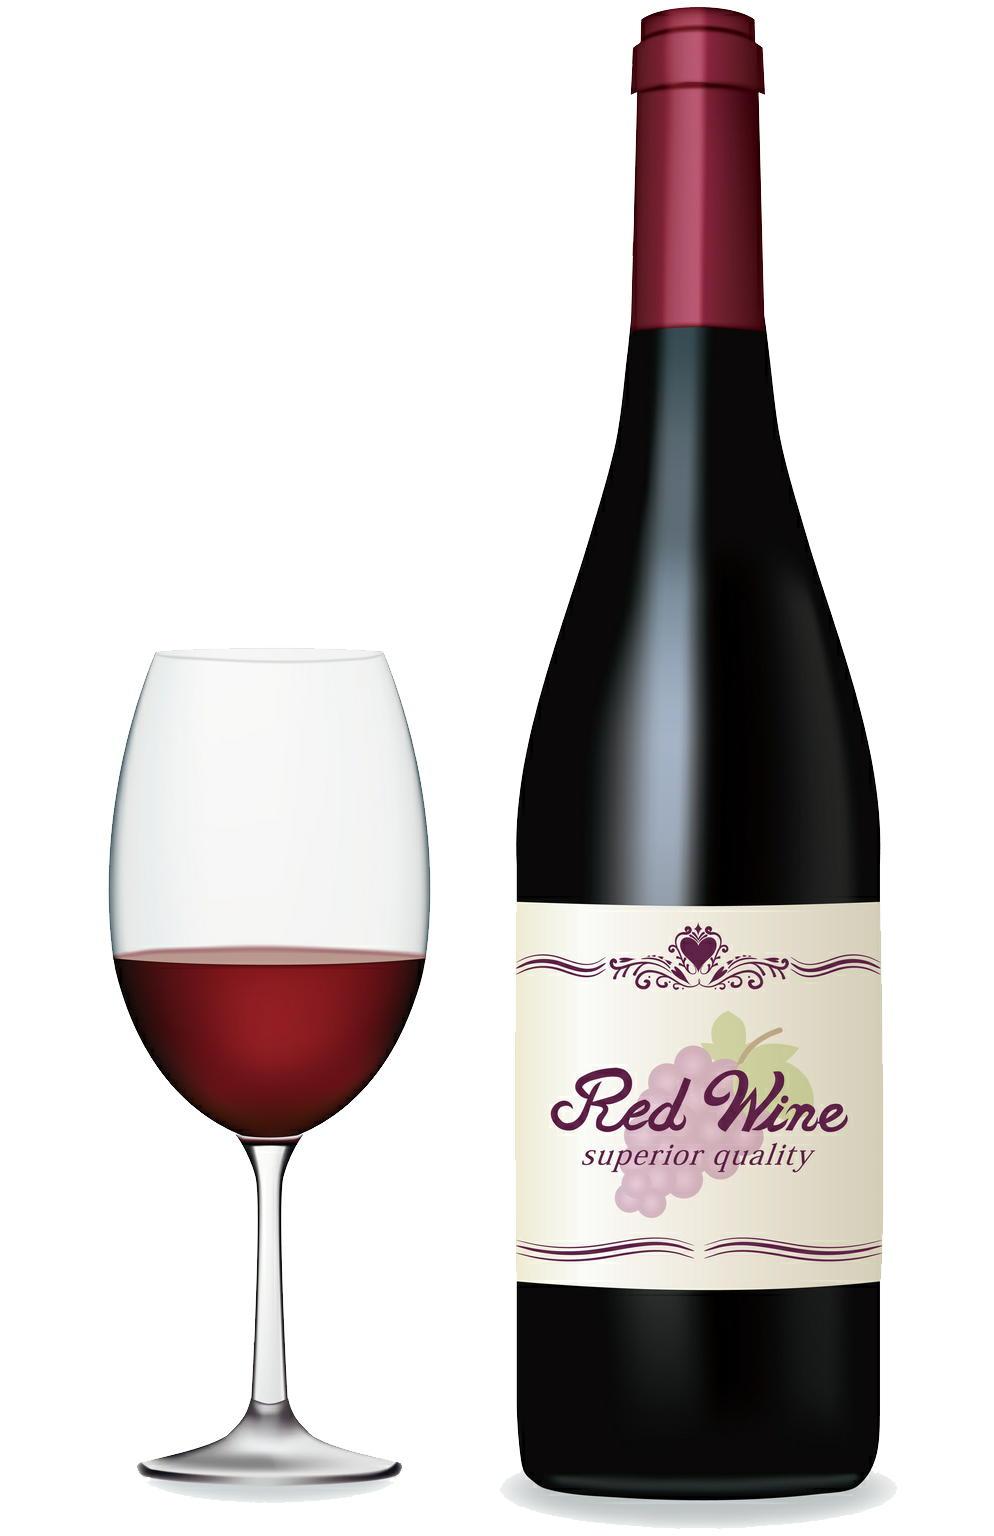 赤ワインのポリフェノールで血管が柔らかく 糖尿病の動脈硬化も改善